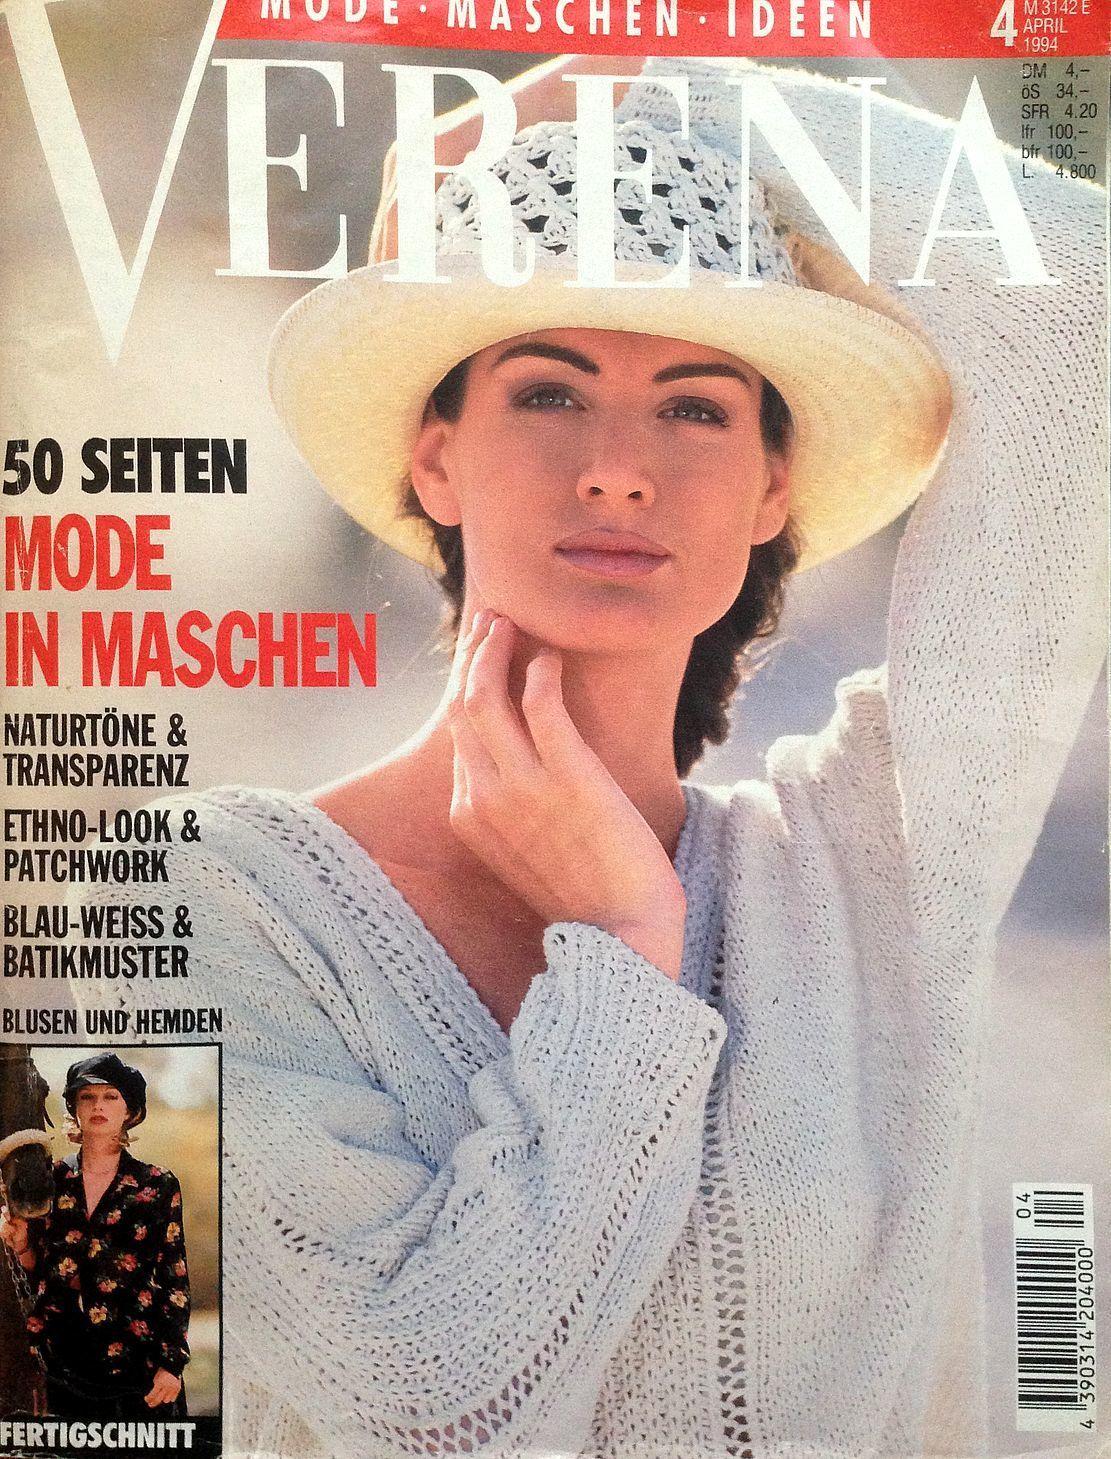 Журнал по вязаниюVerena, № 4/1994, Схемы для вязания, Москва,  Фото №1